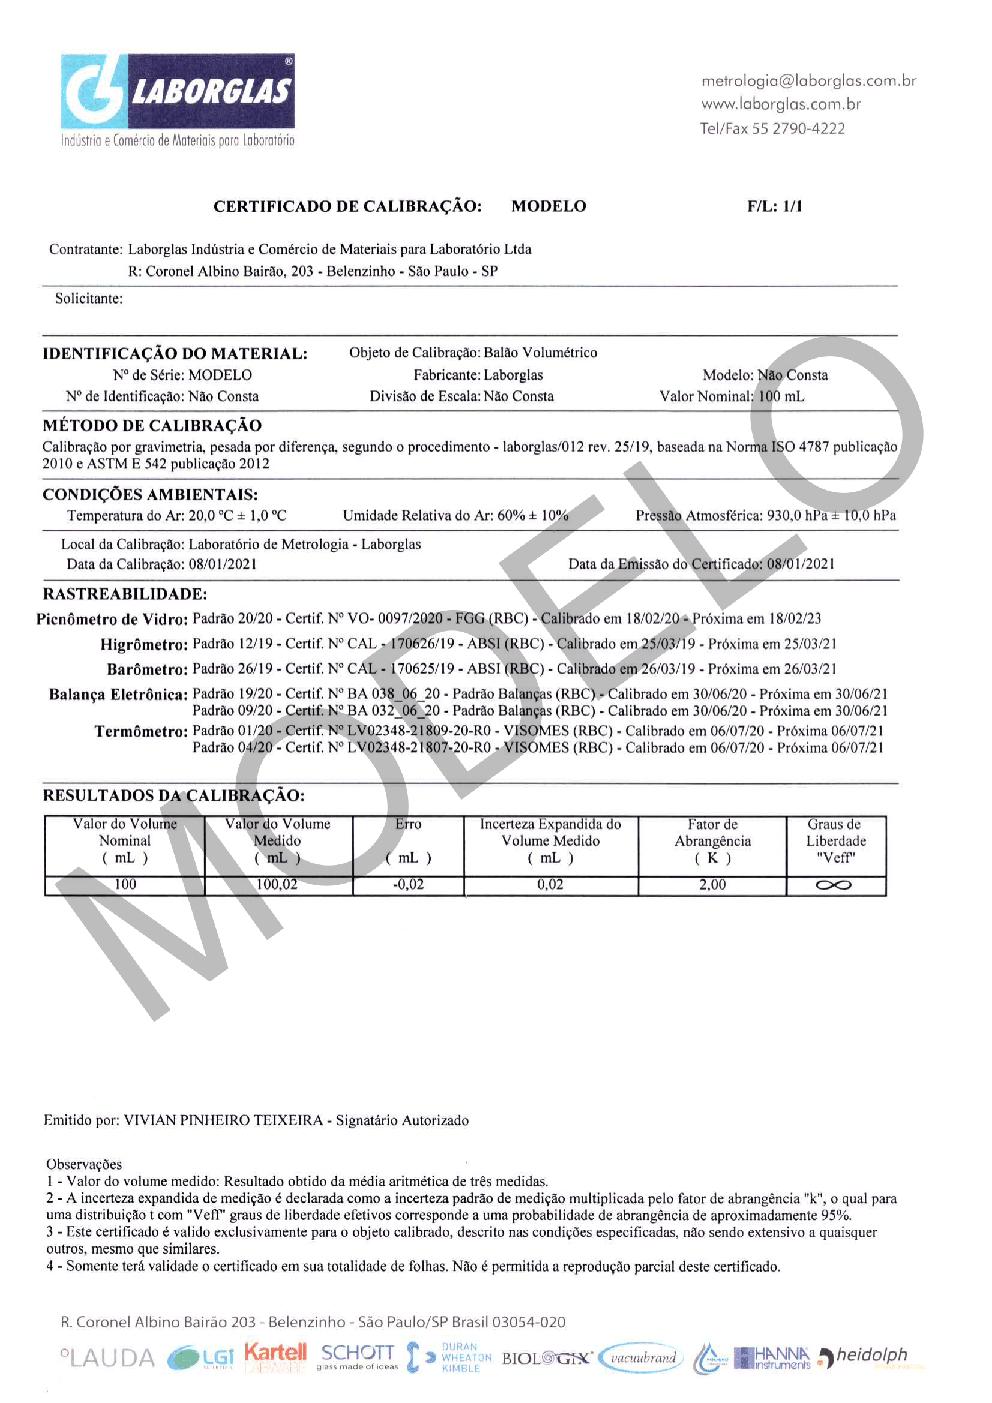 BALÃO VOLUMÉTRICO CLASSE A ROLHA POLI C/ CERTIFICADO RASTREÁVEL 3000 ML - Marca Laborglas - Cód. 9167868-C